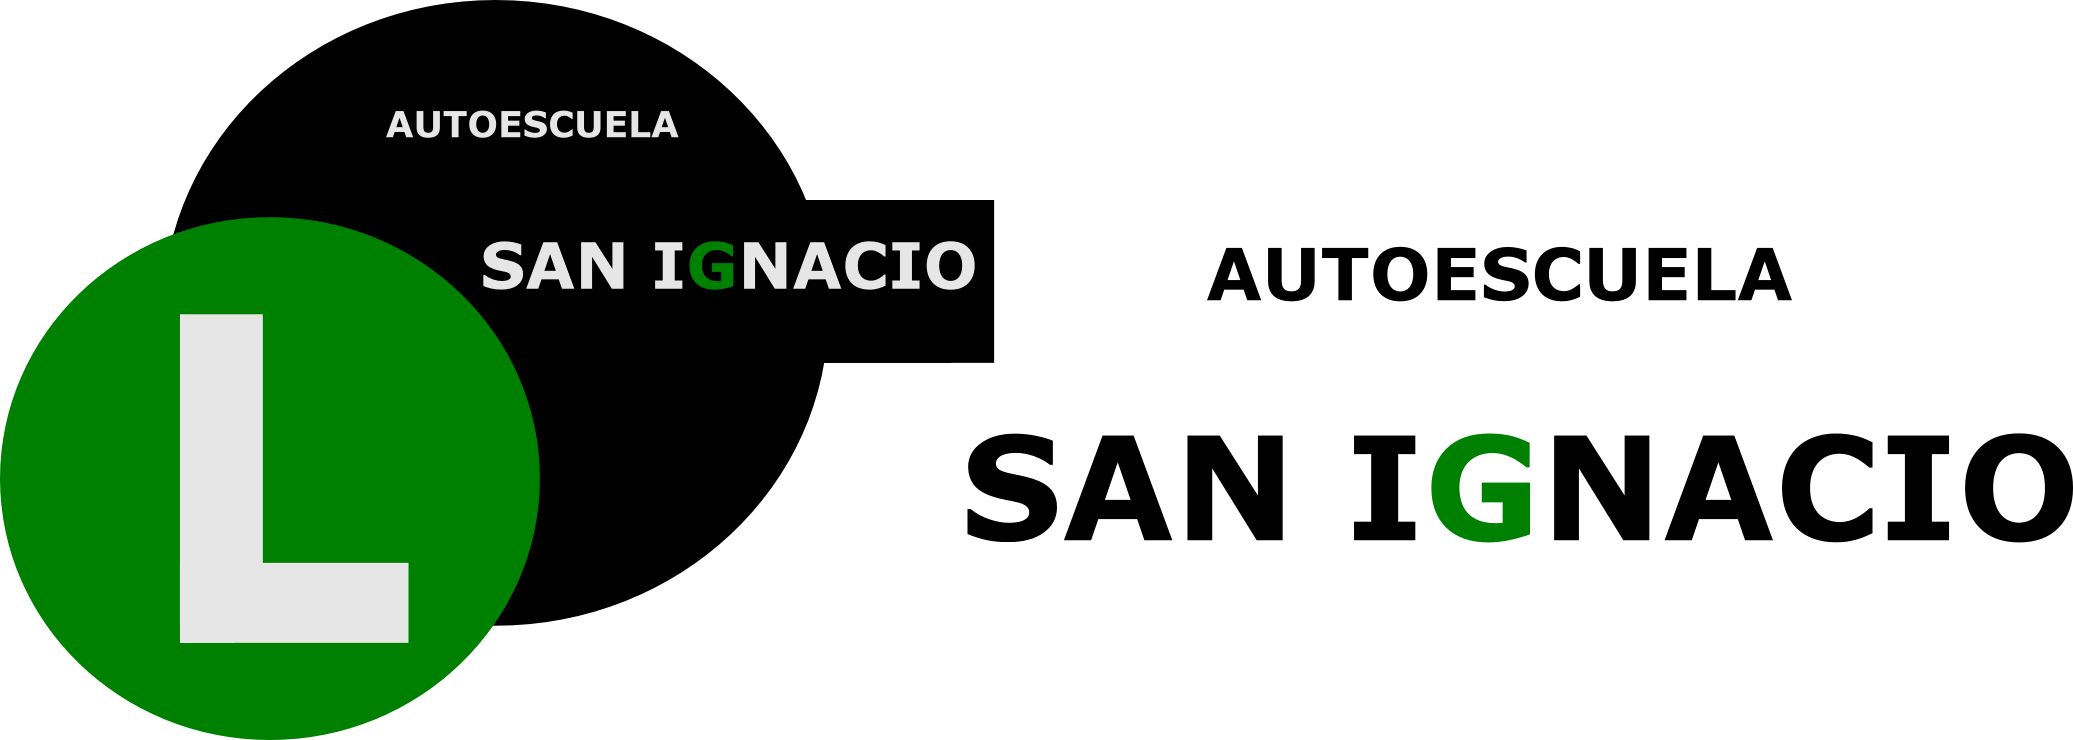 Autoescuela en Gijón, los mejores precios, los mejores profesionales